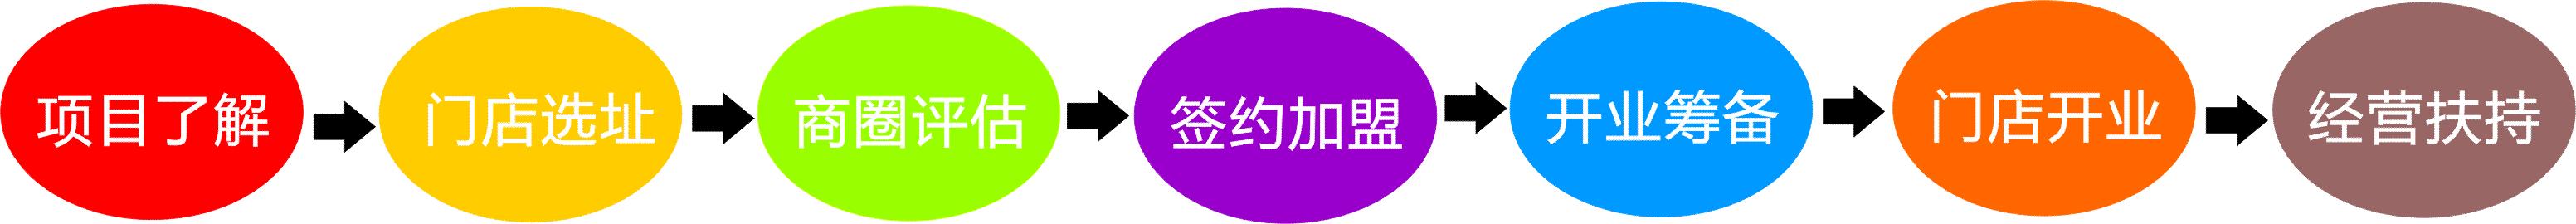 图形1.png